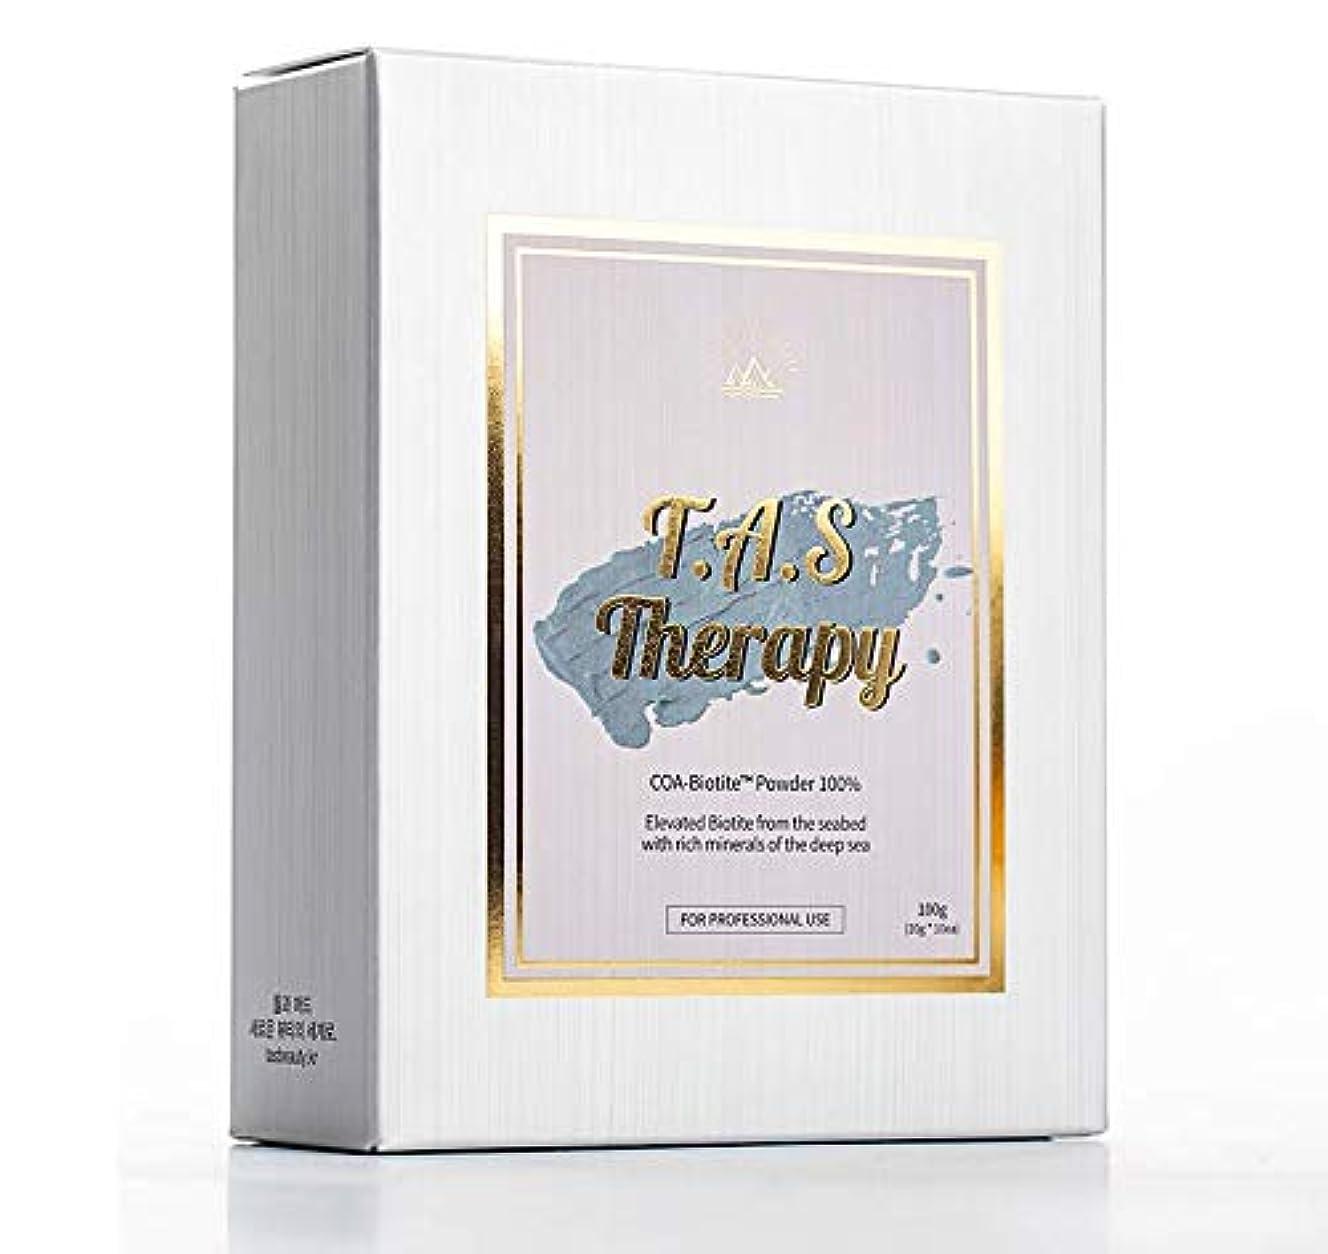 パリティナラーバー逆T.A.S Therapy CBパウダー 10g×10パック